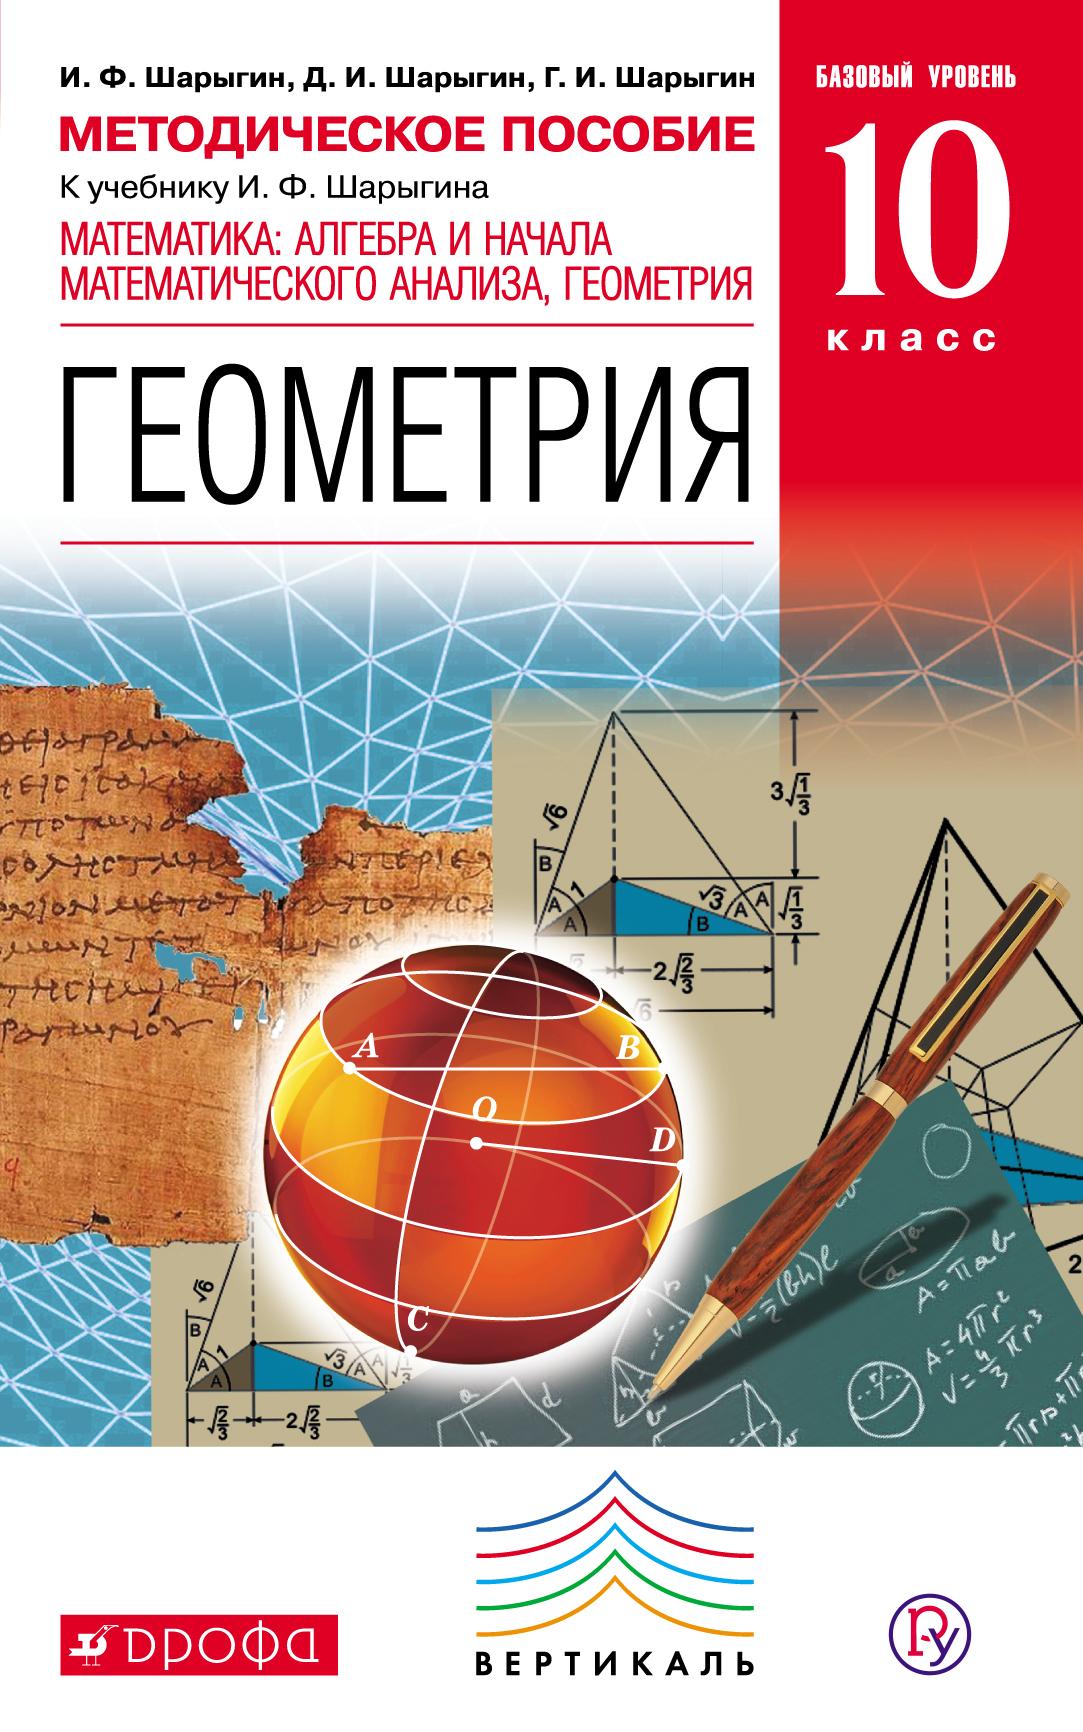 Шарыгин И.Ф. Математика: алгебра и начала математического анализа, геометрия. Геометрия.10 класс. Базовый уровень.Методическое пособие цена